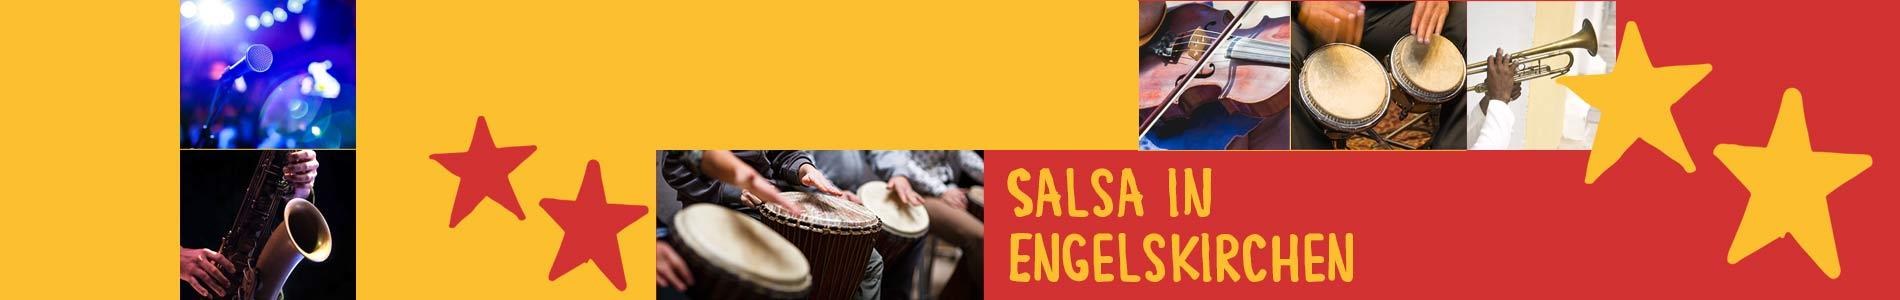 Salsa in Engelskirchen – Salsa lernen und tanzen, Tanzkurse, Partys, Veranstaltungen